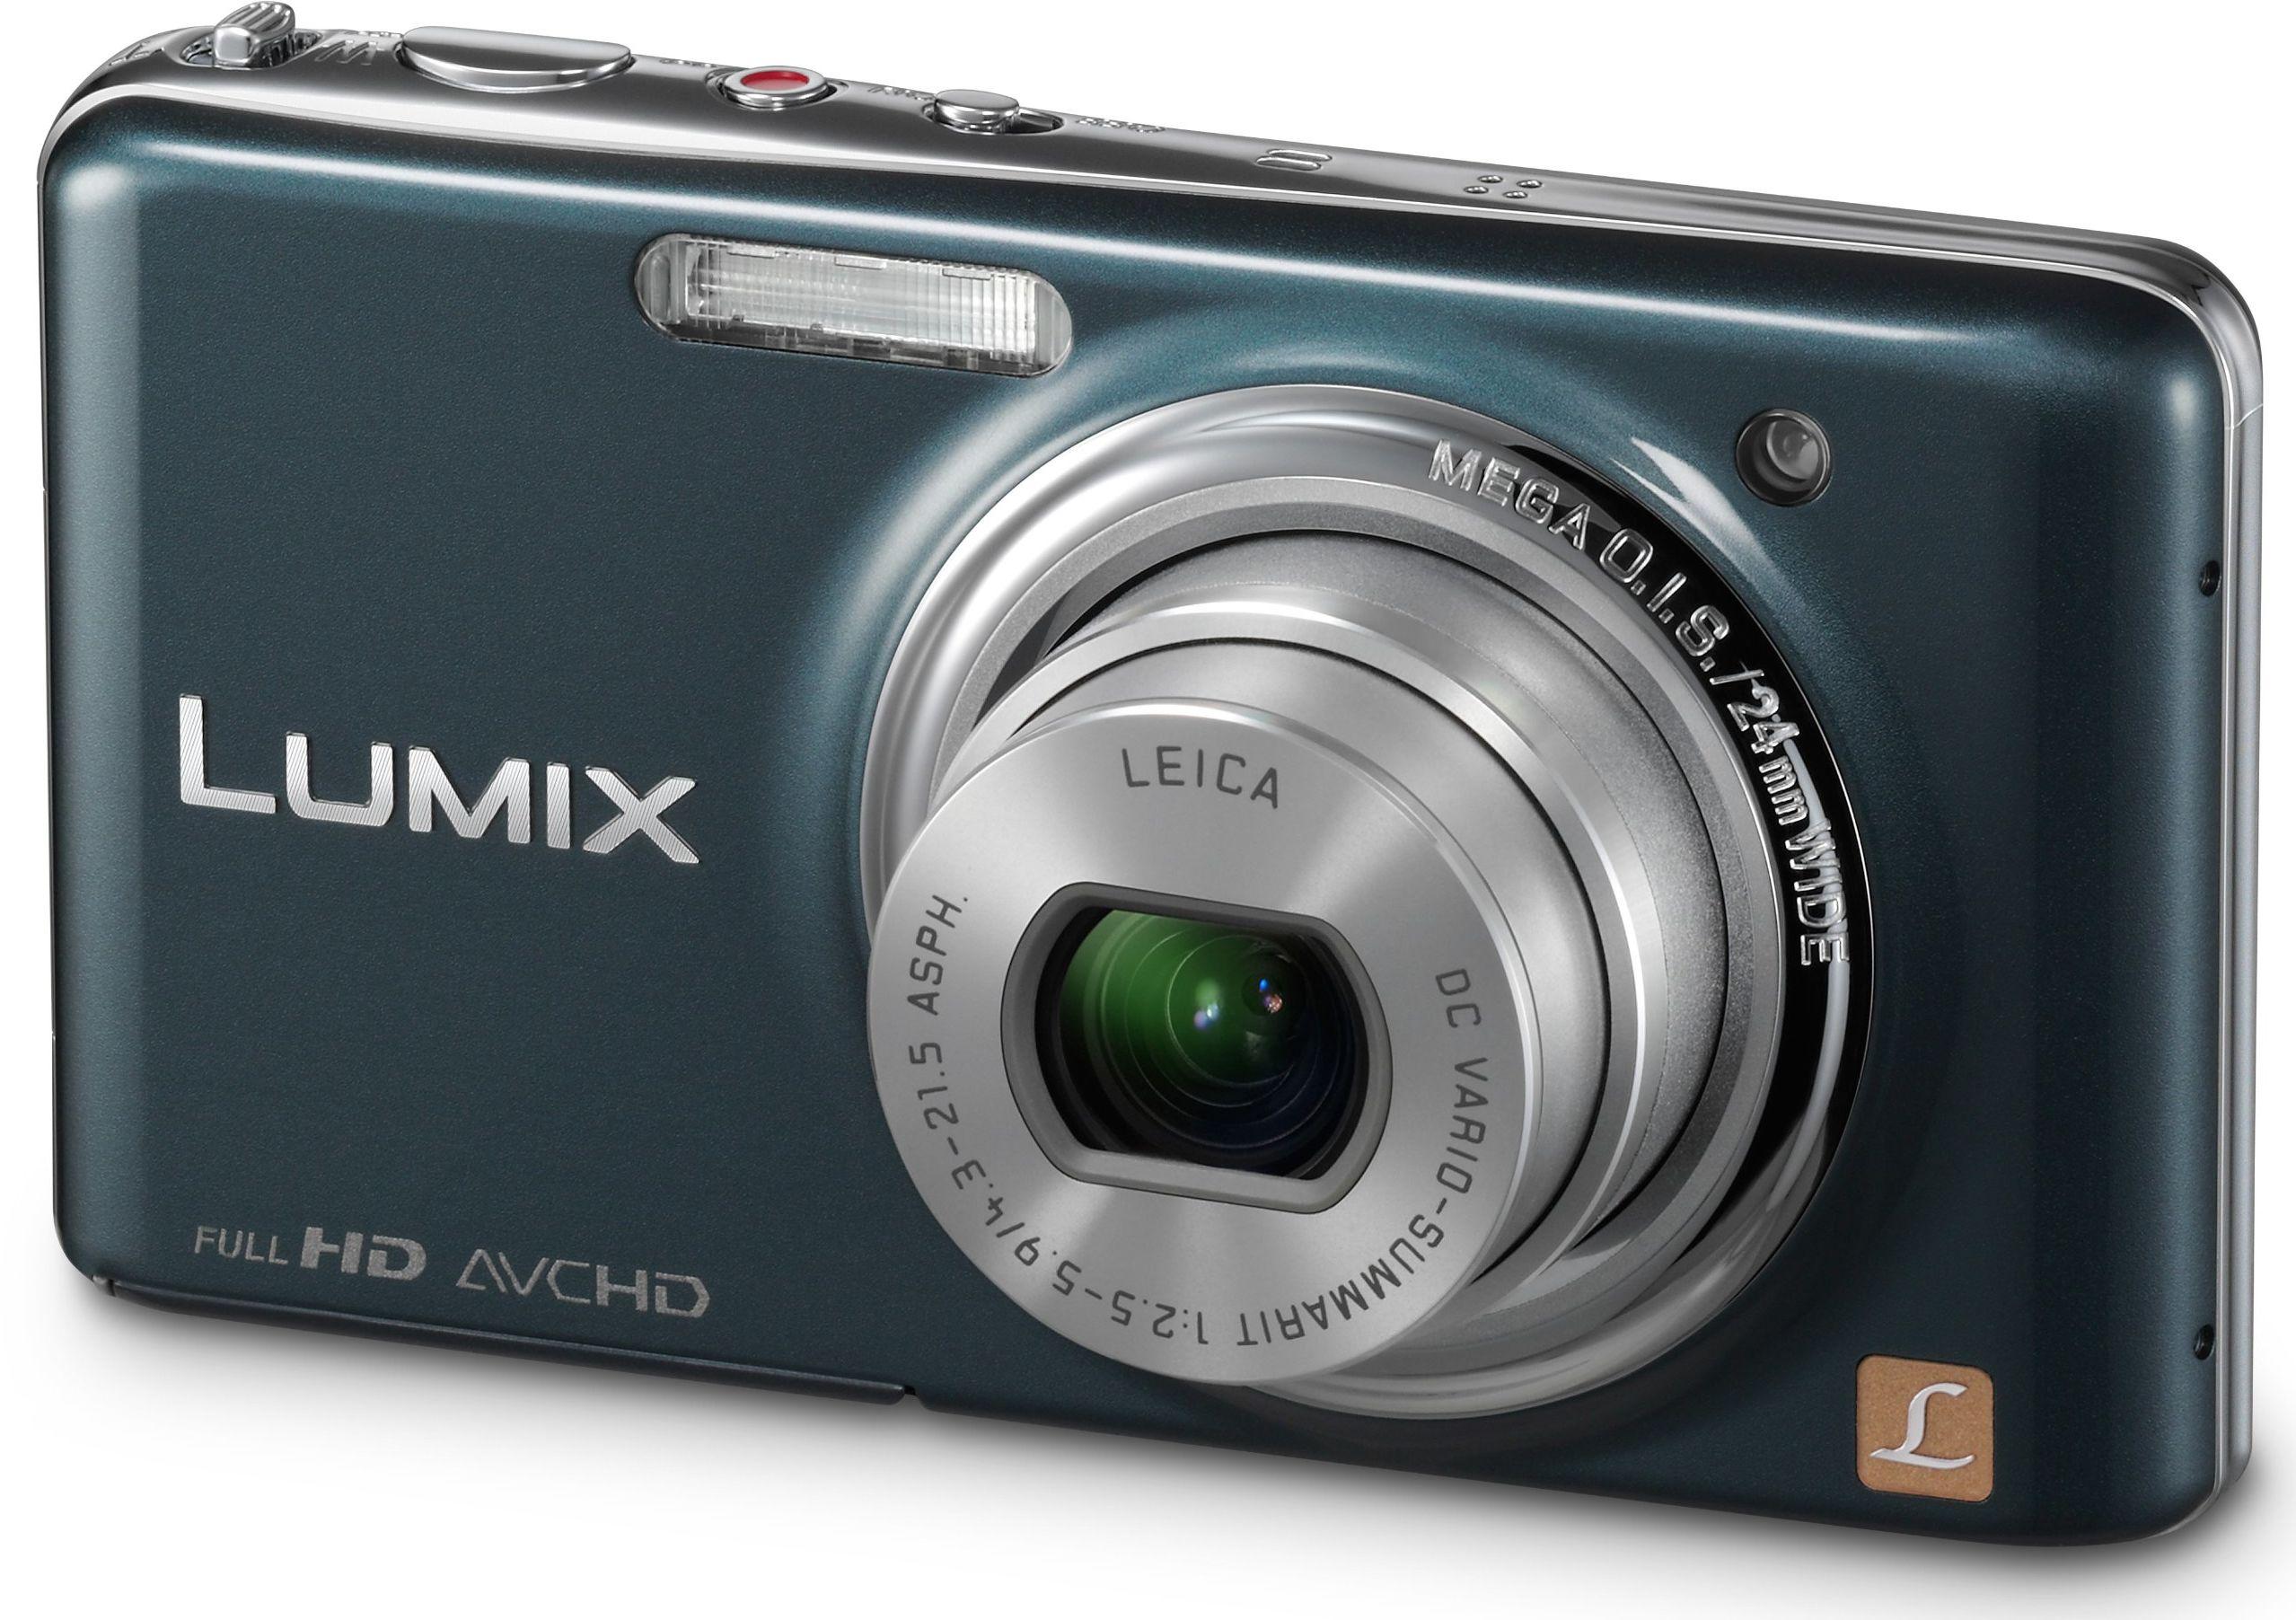 Panasonic Lumix DMC-FX77EG-A aparat cyfrowy (12 megapikseli, 5-krotny zoom, ekran dotykowy LCD 8,8 cm (3,5 cala), Full HD, 3D, stabilizacja obrazu), szaro-niebieski